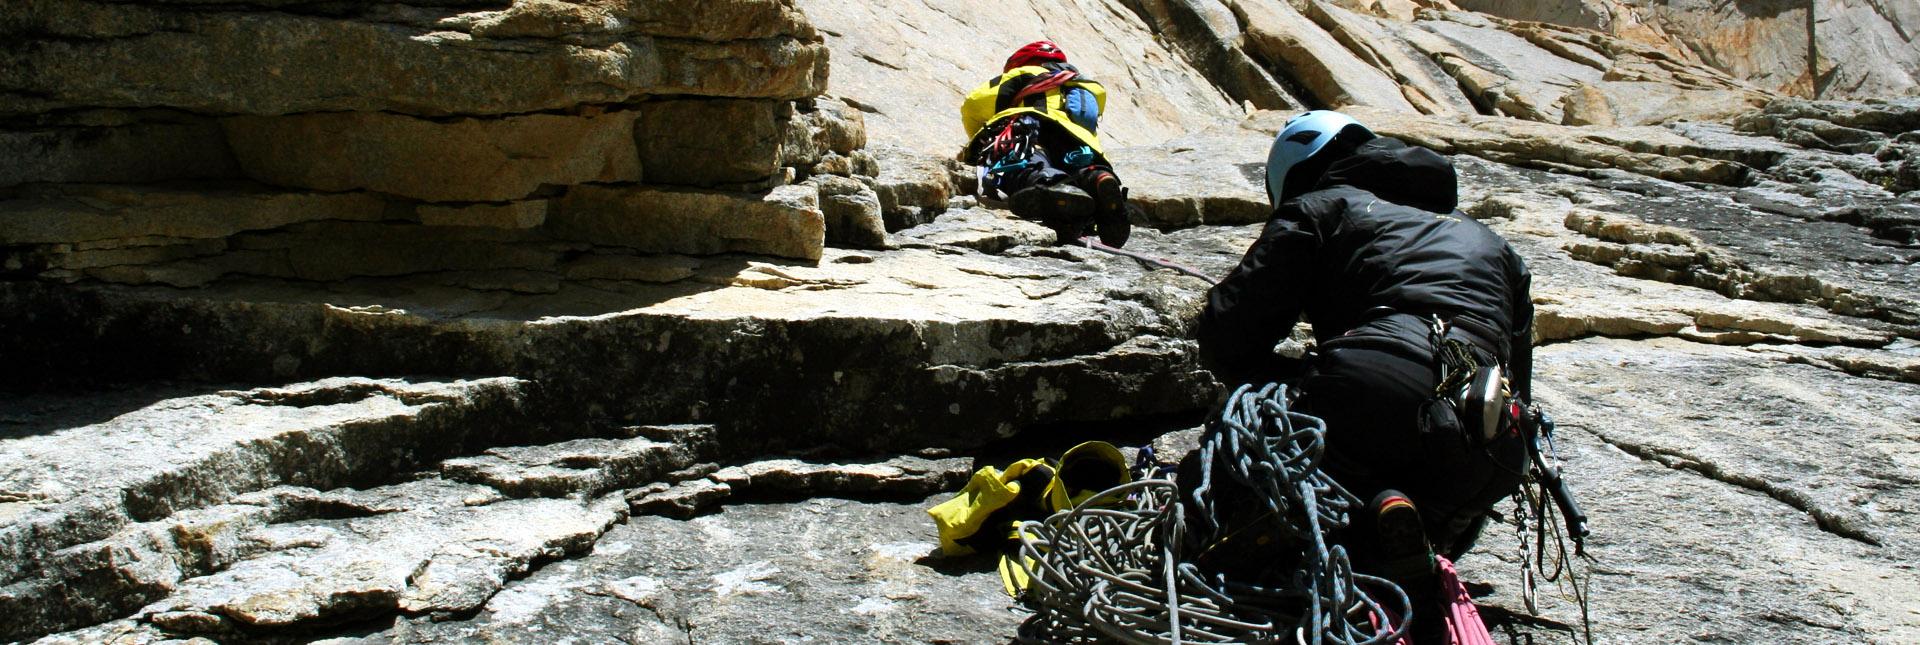 Ascending a rockface